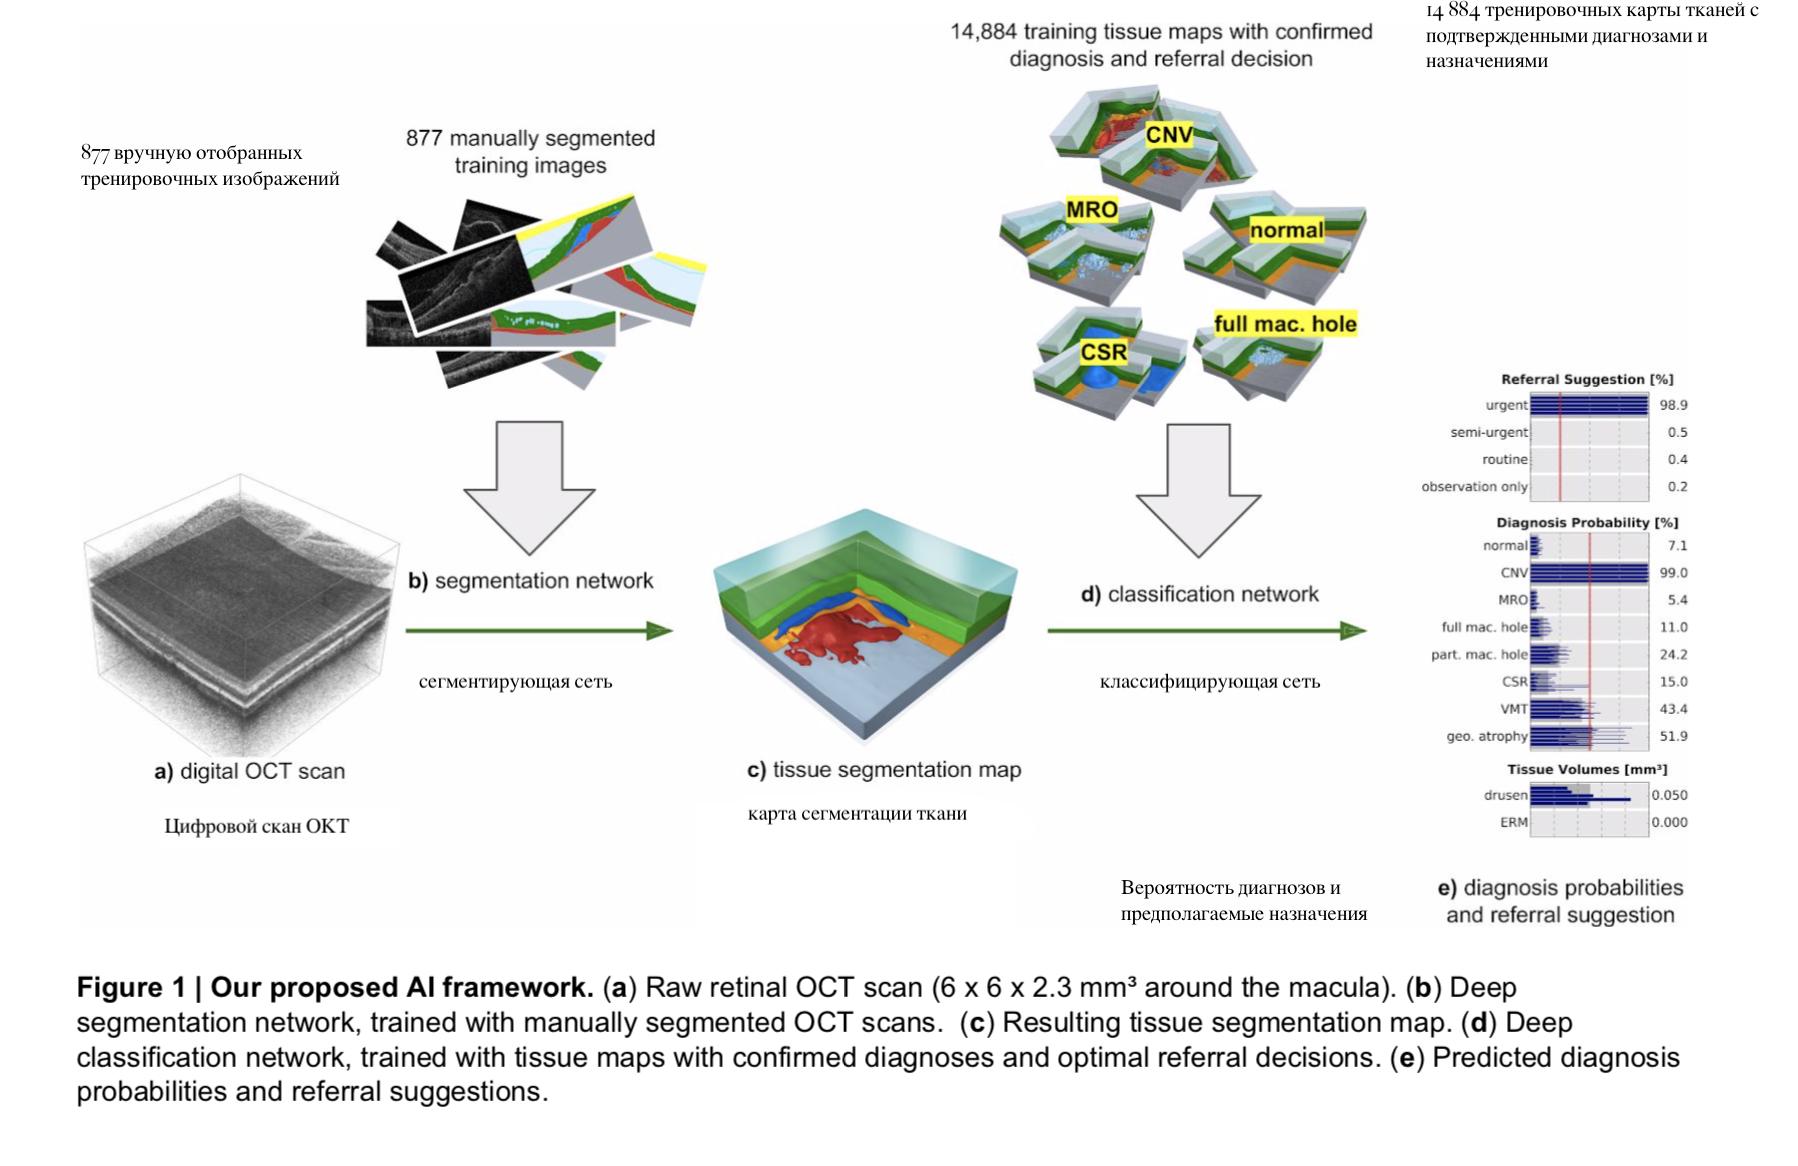 Больница Массачусетса и DeepMind независимо друг от друга приоткрыли «черный ящик» ИИ в медицине - 2